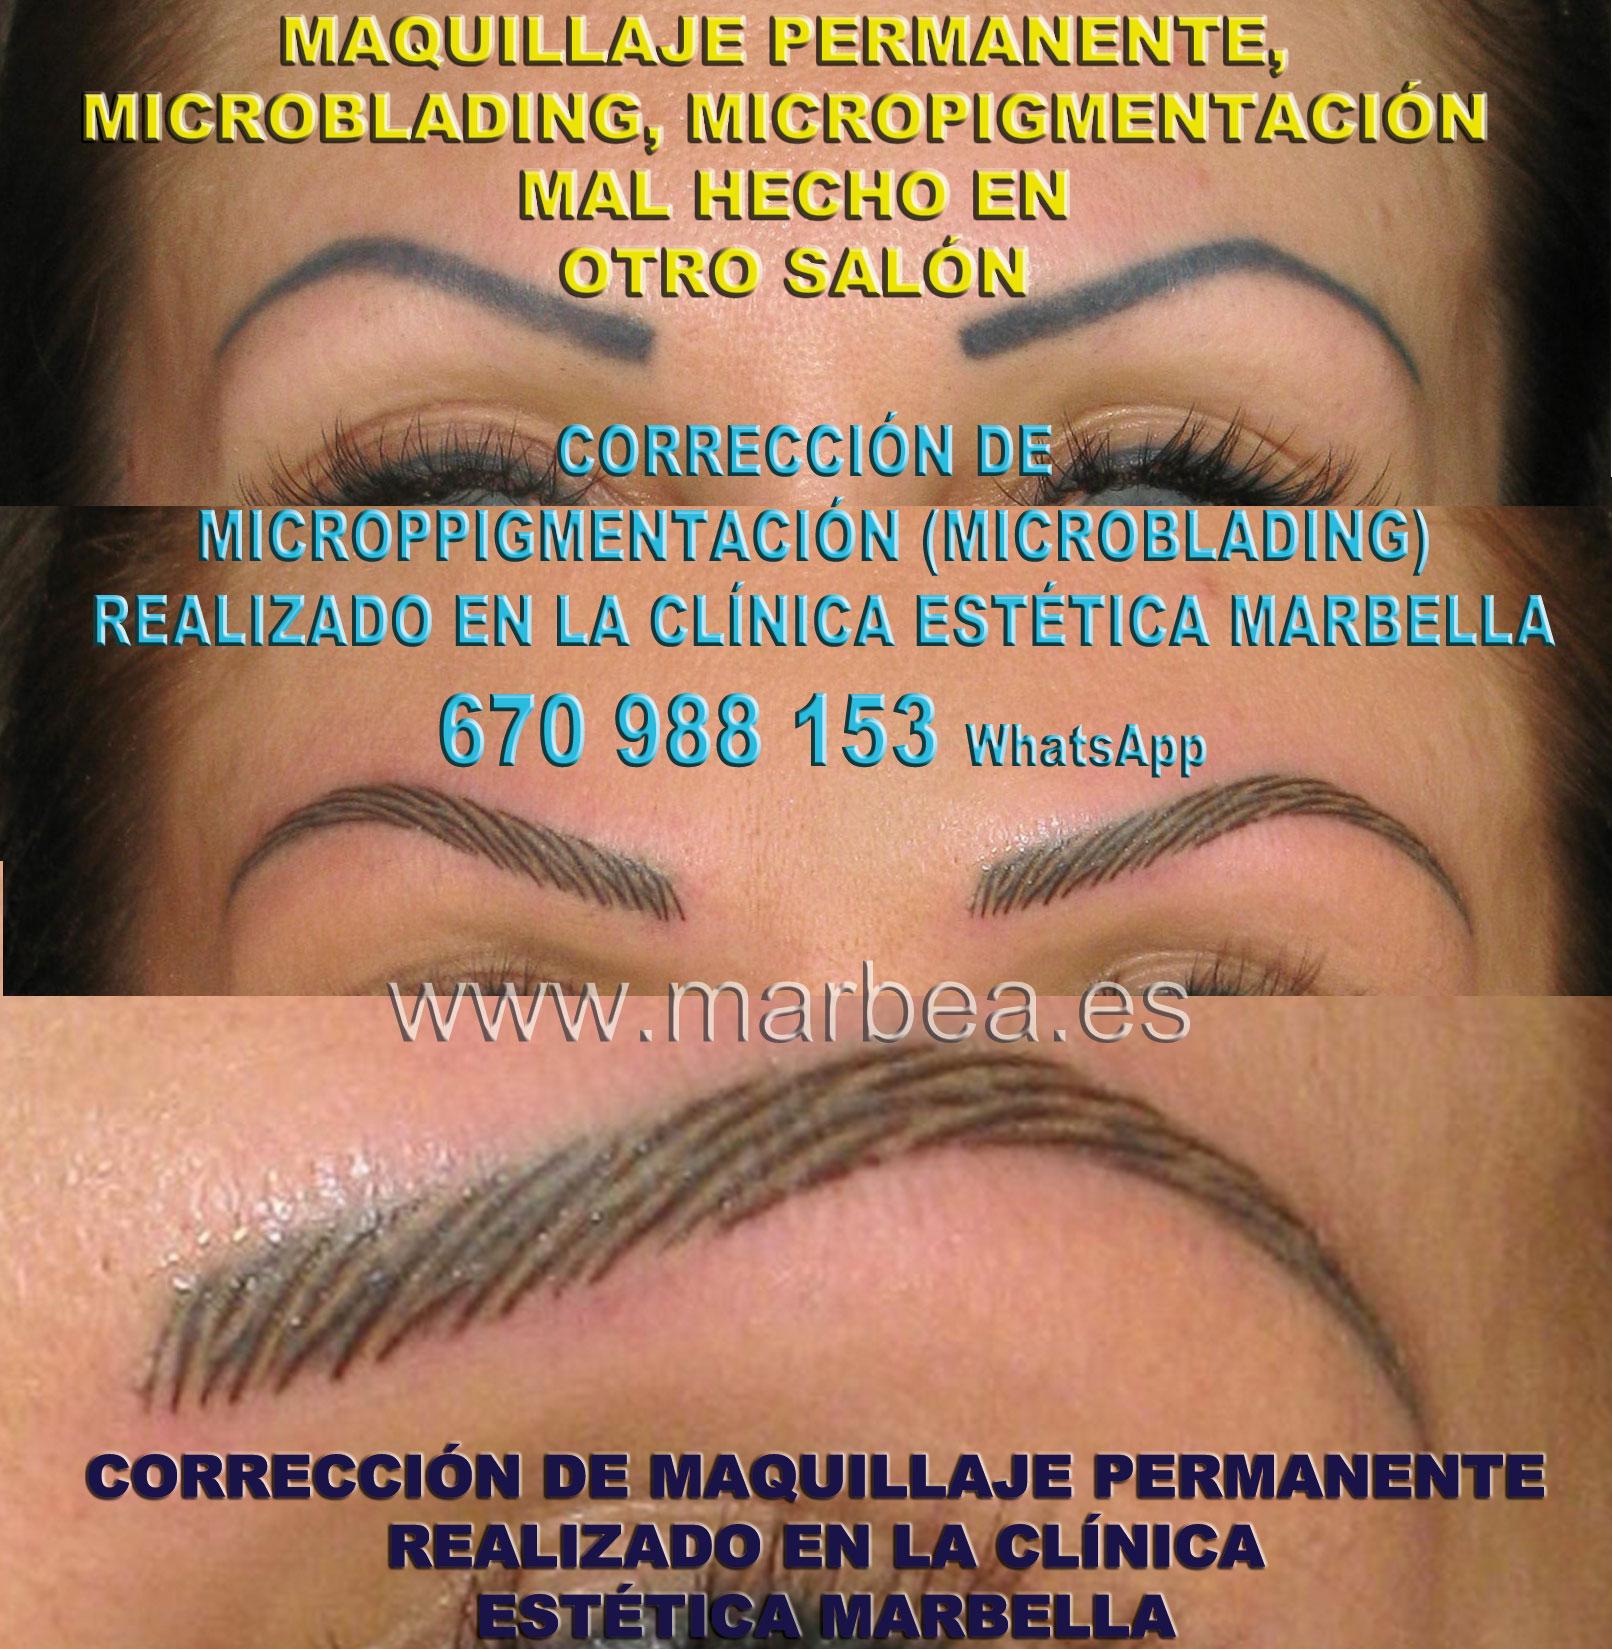 ELIMINAR TATUAJE CEJAS clínica estética maquillaje permanete propone corrección de micropigmentación en cejas,corregir micropigmentación no deseada